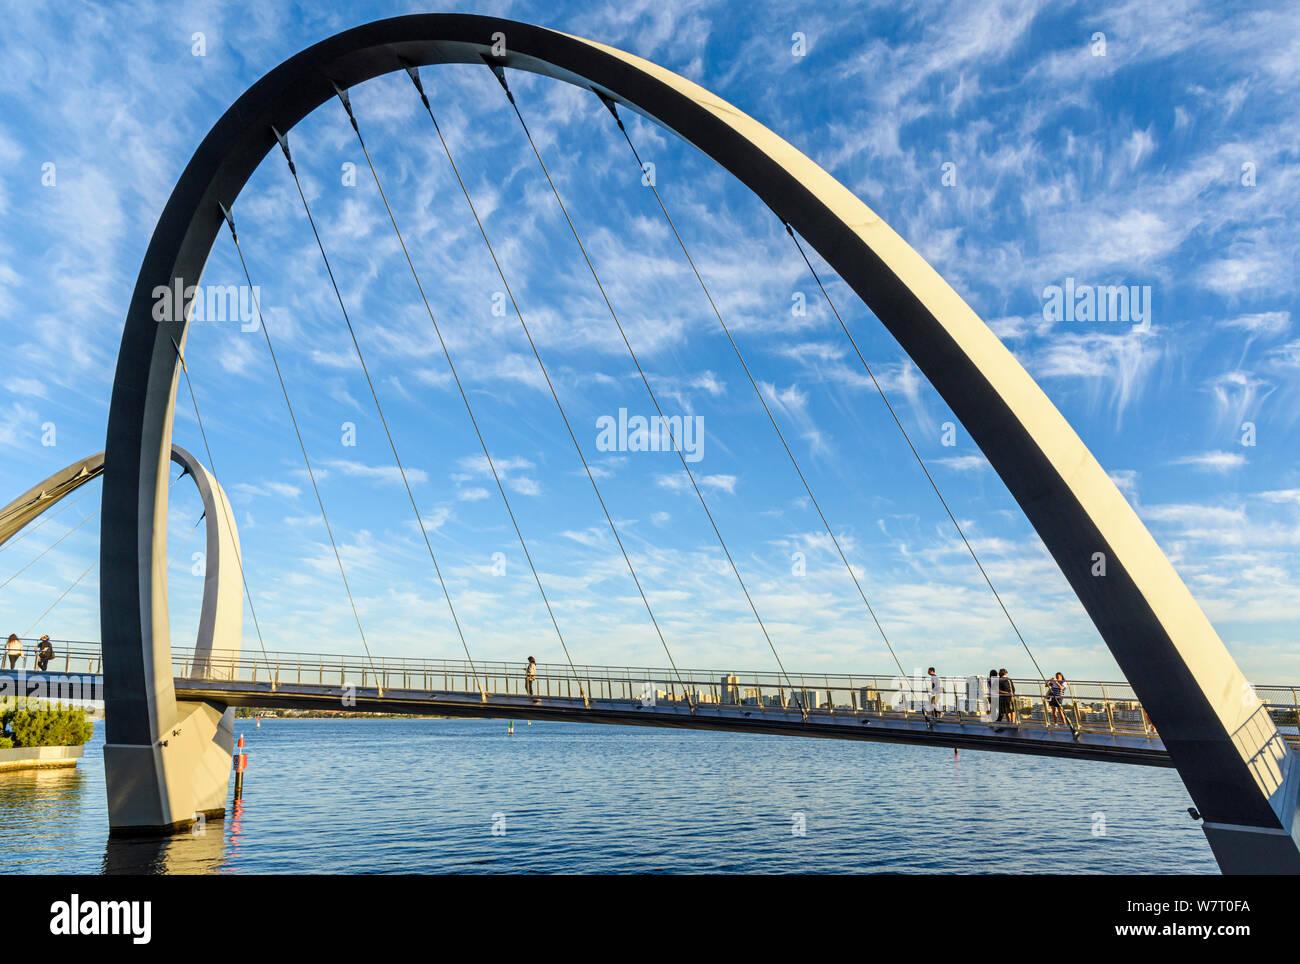 Fin d'après-midi sur le pont Elizabeth, Elizabeth Quay Quay, Perth, Australie occidentale Banque D'Images